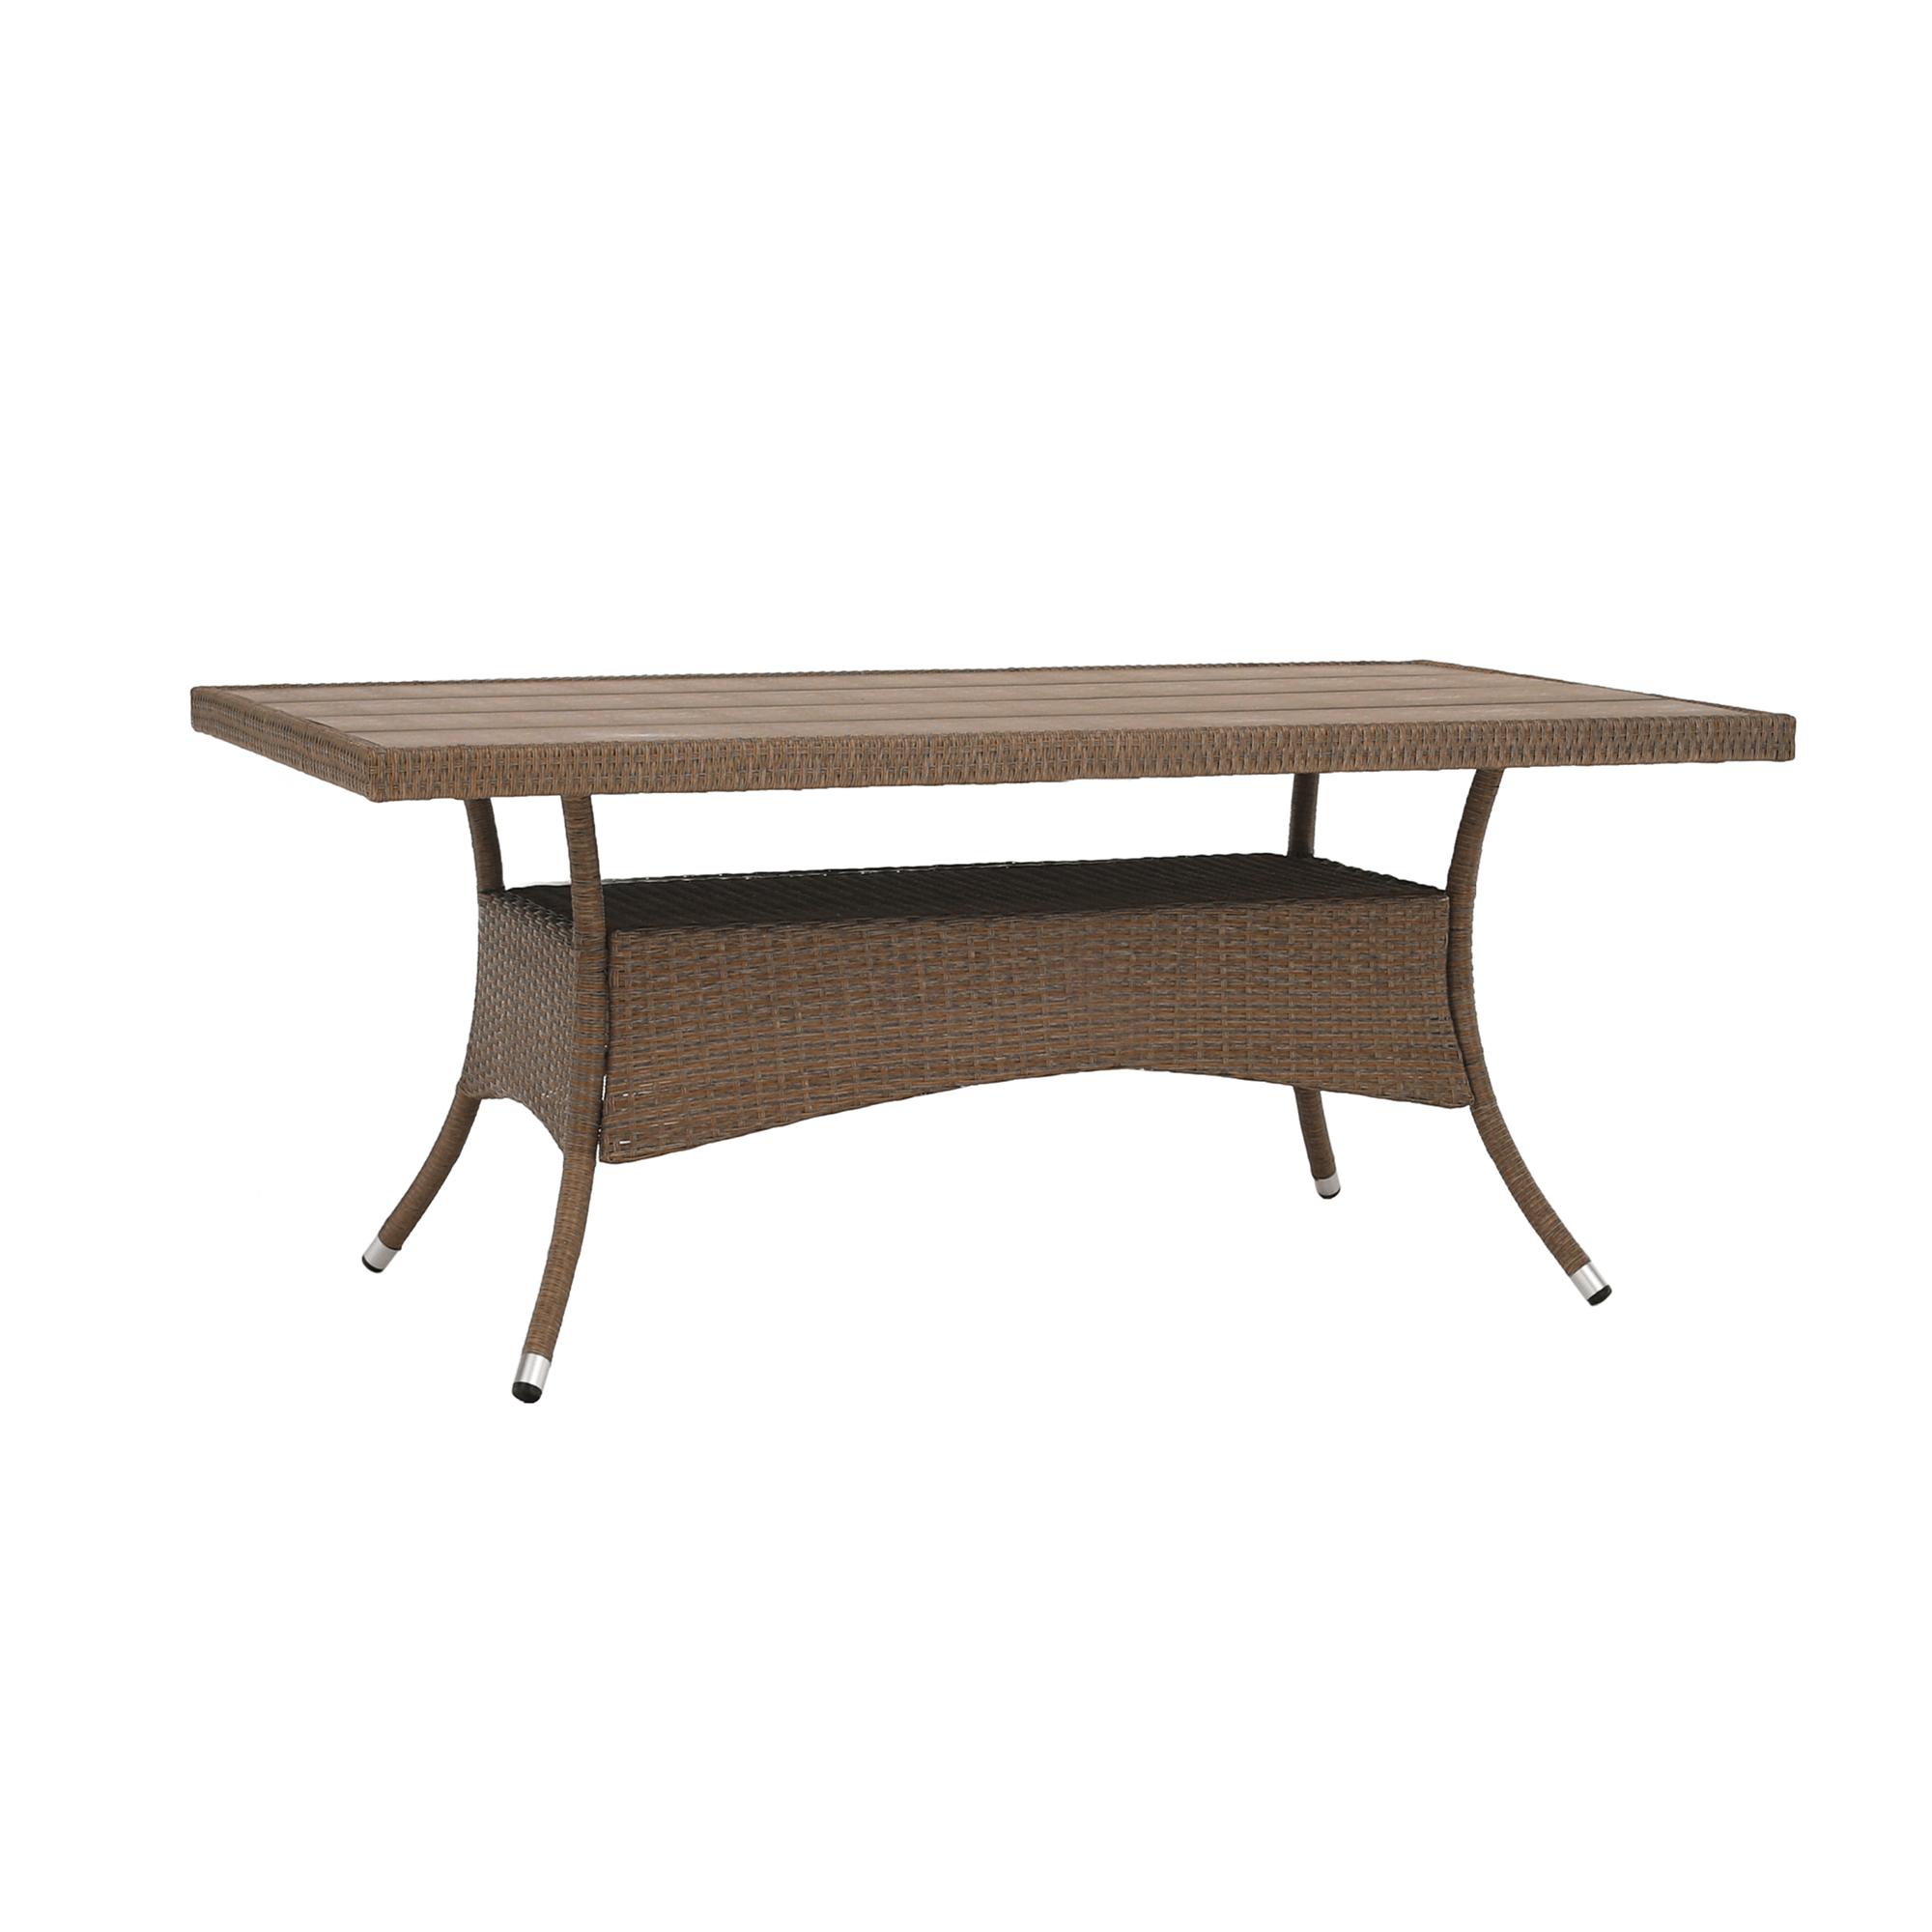 Záhradný ratanový stôl, 150cm, STRIB